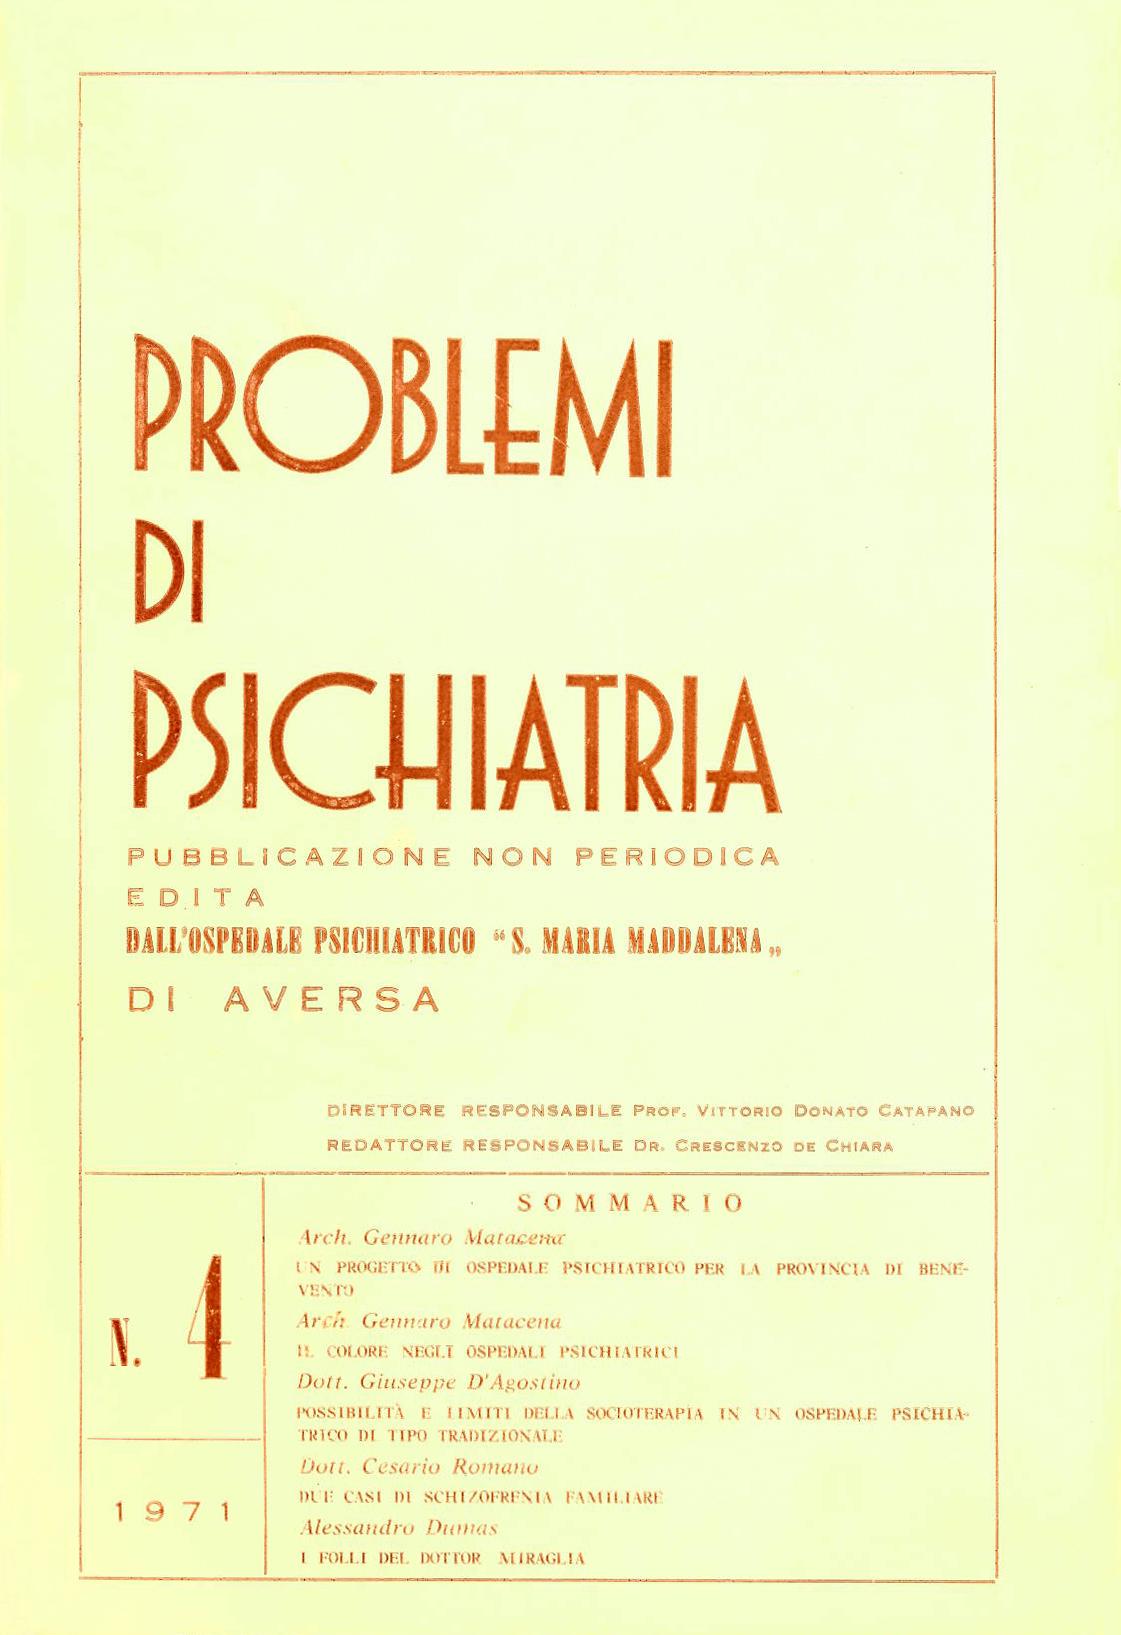 Problemi di psichiatria n°4, 1971